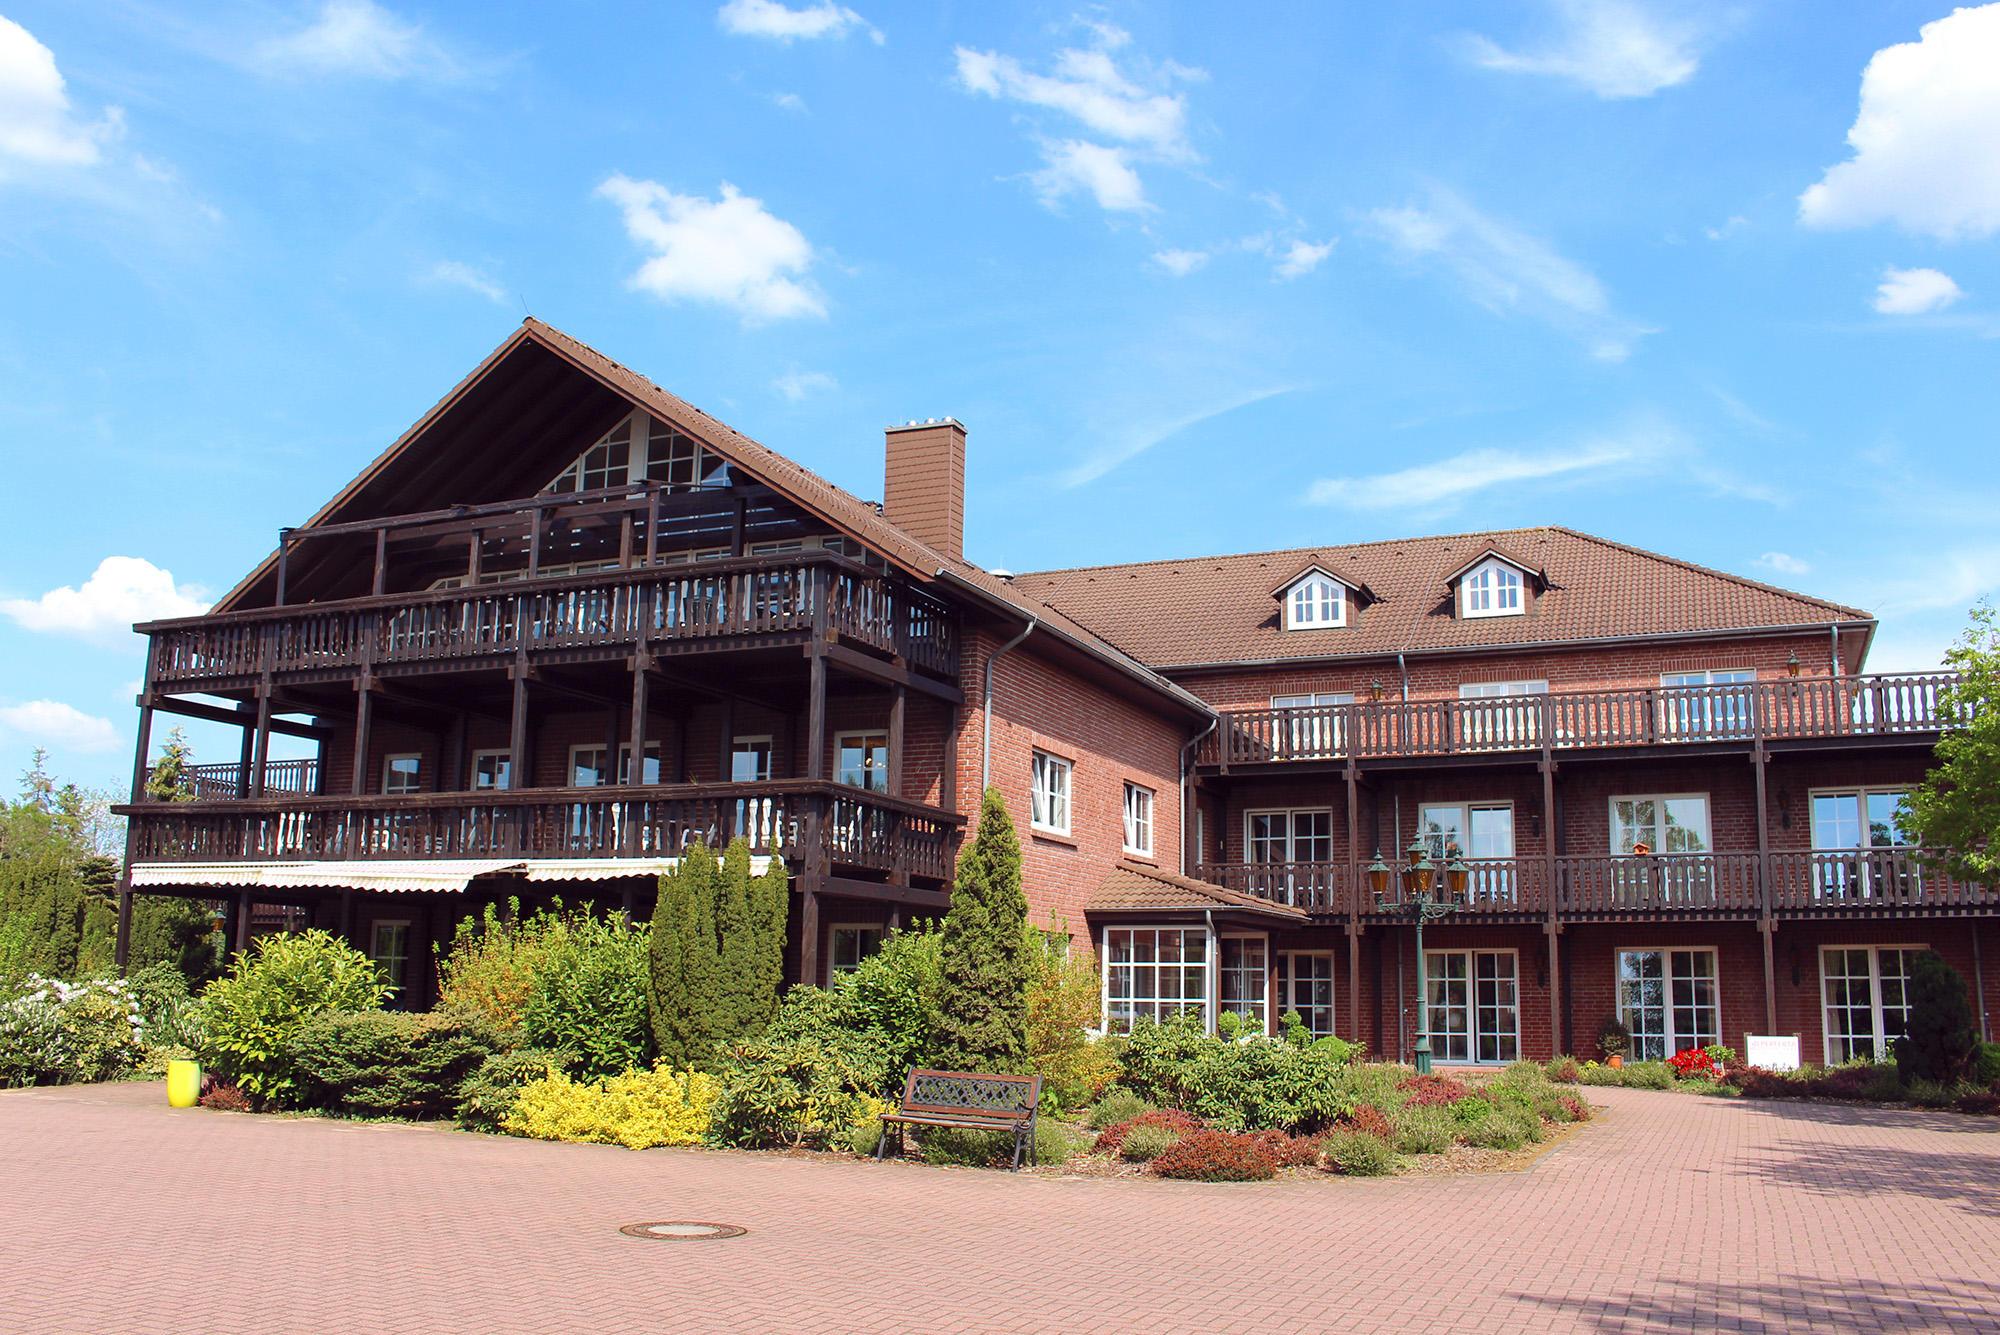 Mein Zuhause D�rverden GmbH